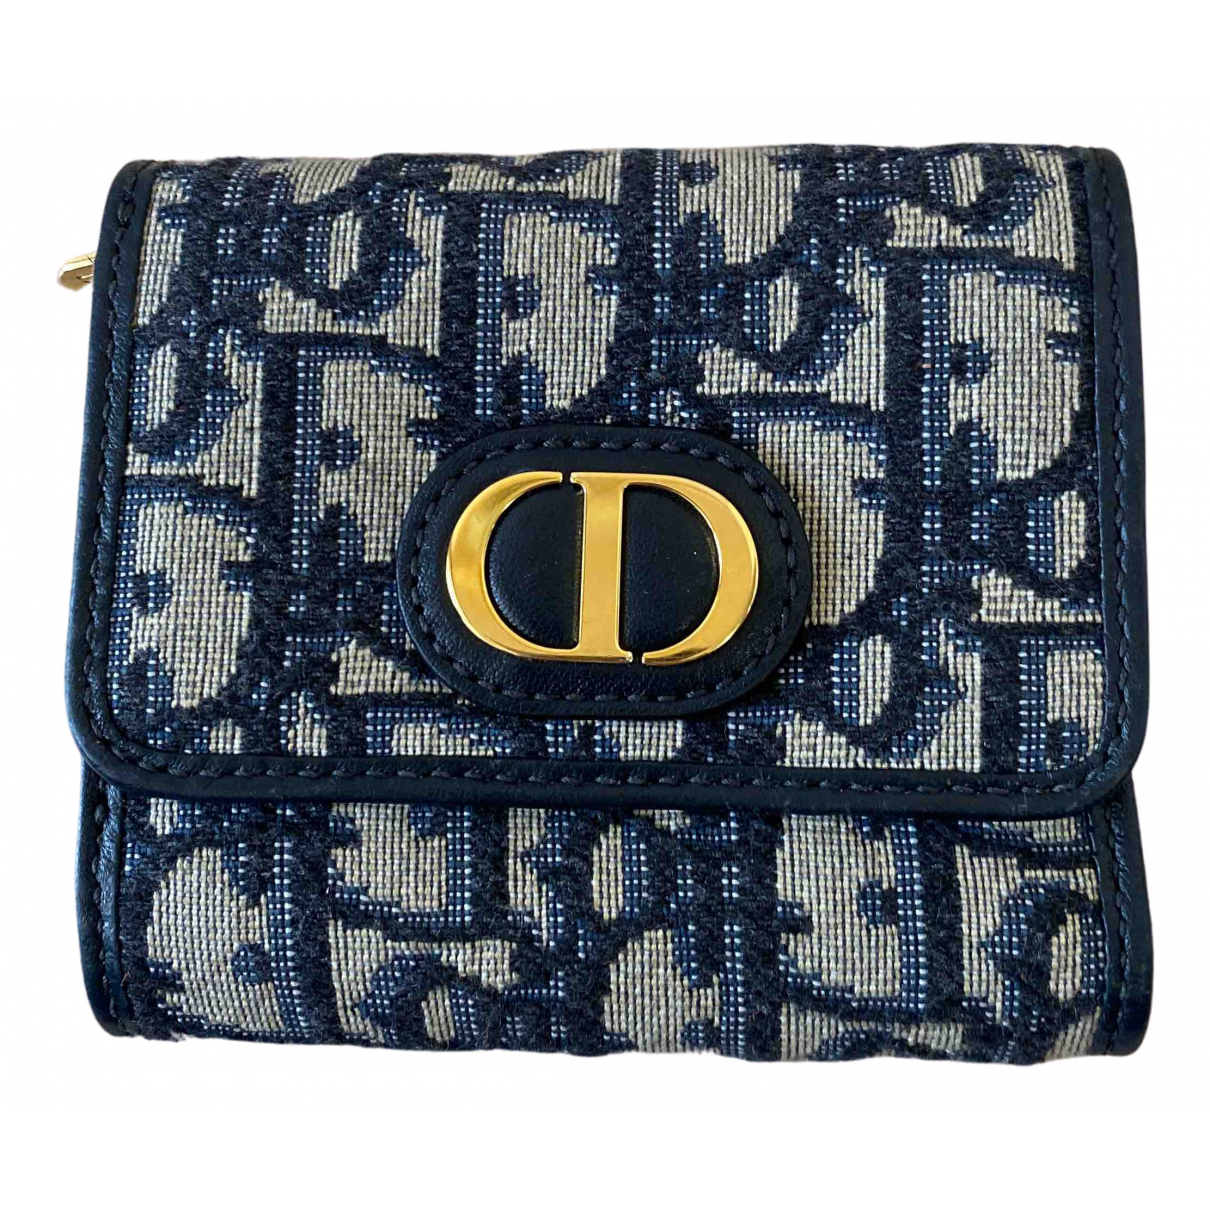 Cartera de Lona Dior